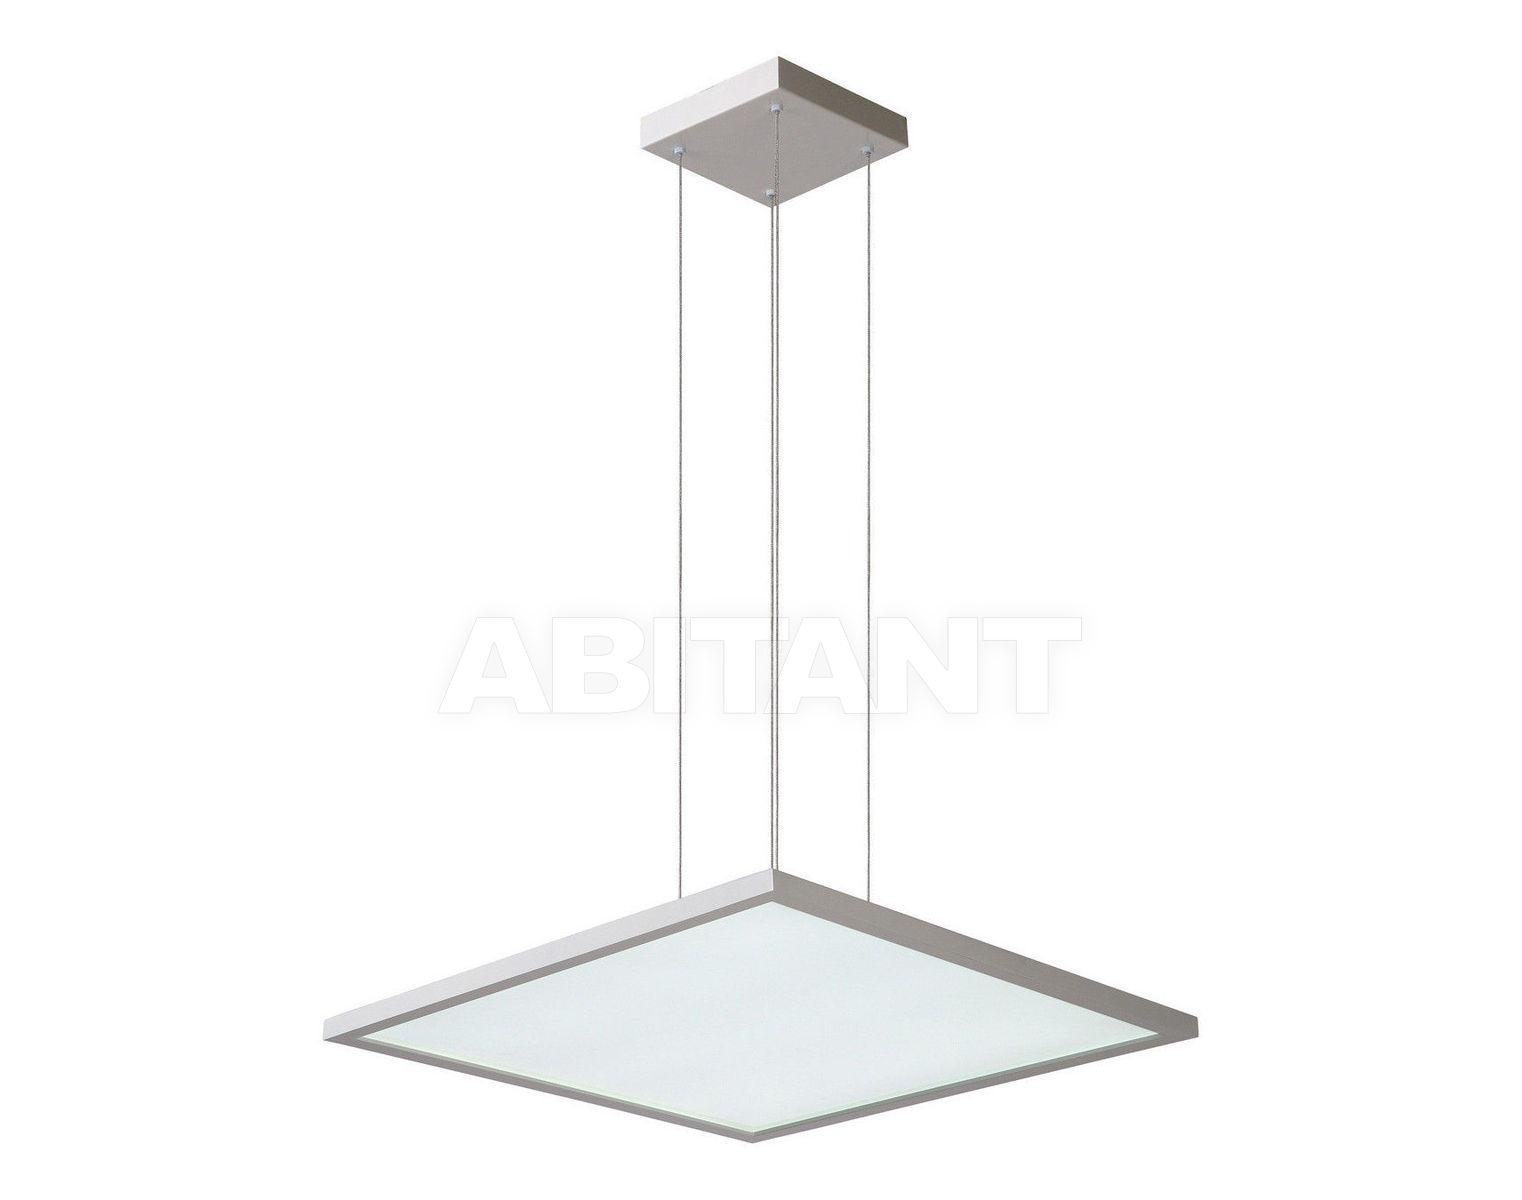 Купить Светильник Led Panels Lucide  Fascio 12449/26/31